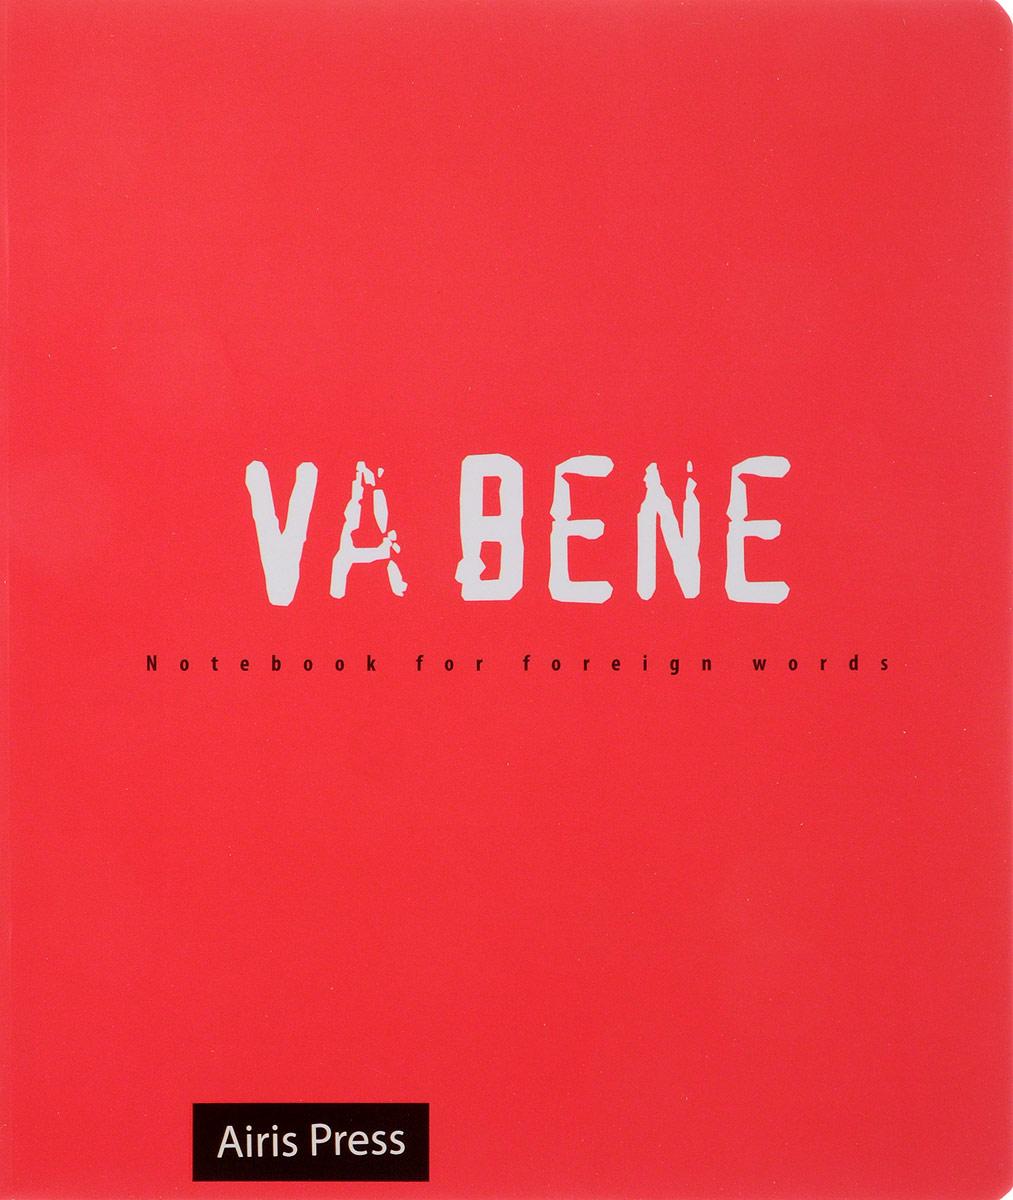 Тетрадь для записи иностранных слов. Все о`кей! блокнот в пластиковой обложке mind ulness лаванда формат малый 64 страницы